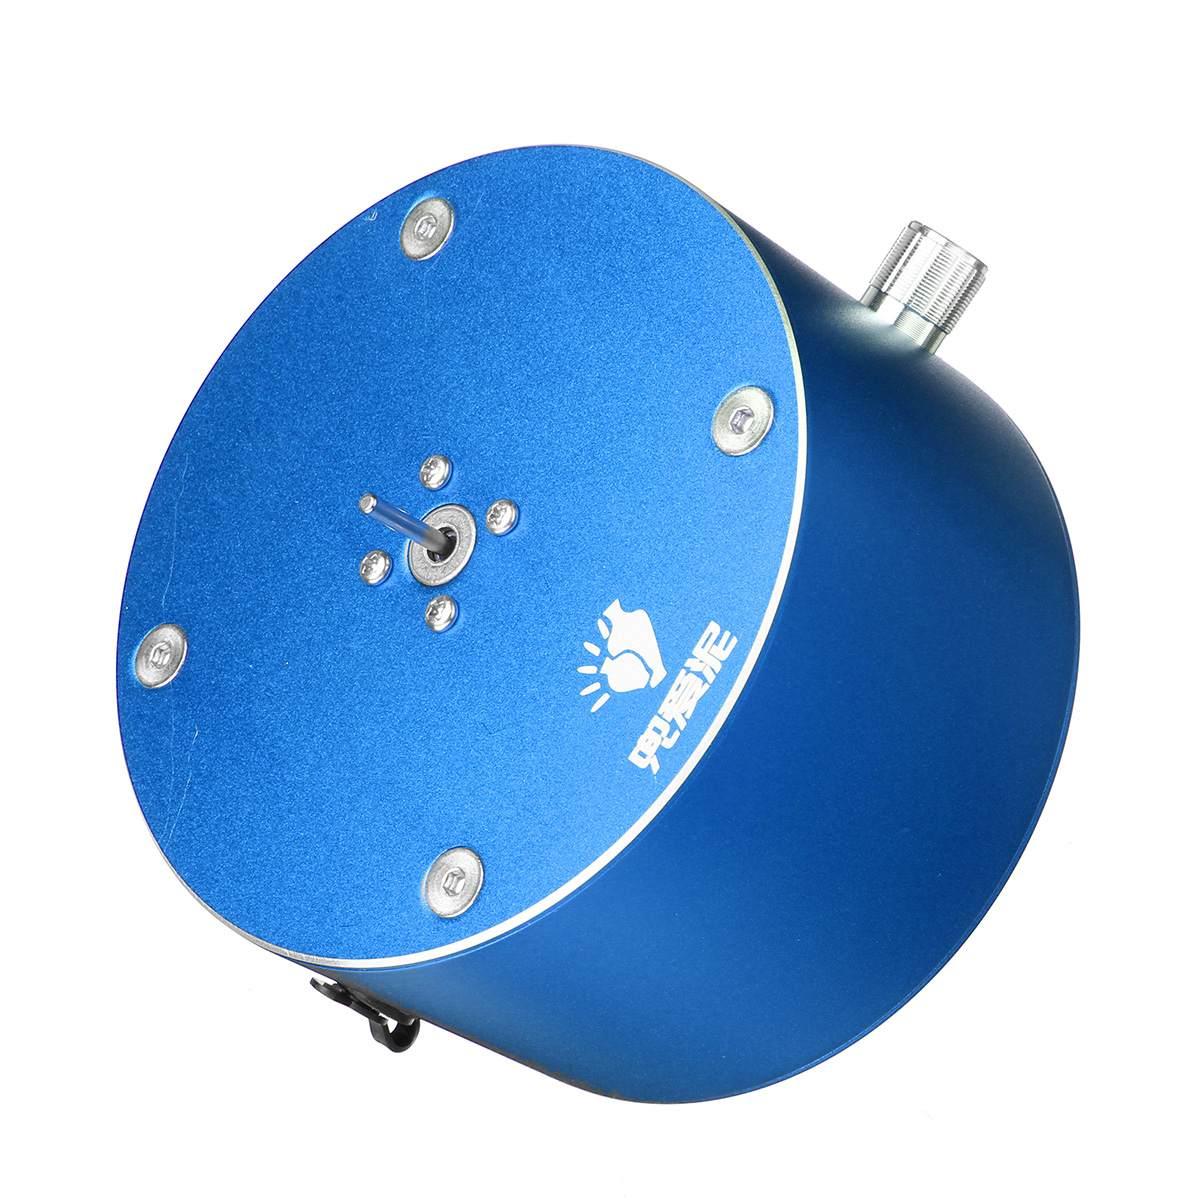 Plateau tournant Mini poterie roue céramique poterie Machine argile pour travaux pratiques outil bout des doigts poterie électrique formant la Machine pour l'apprentissage des Arts - 2